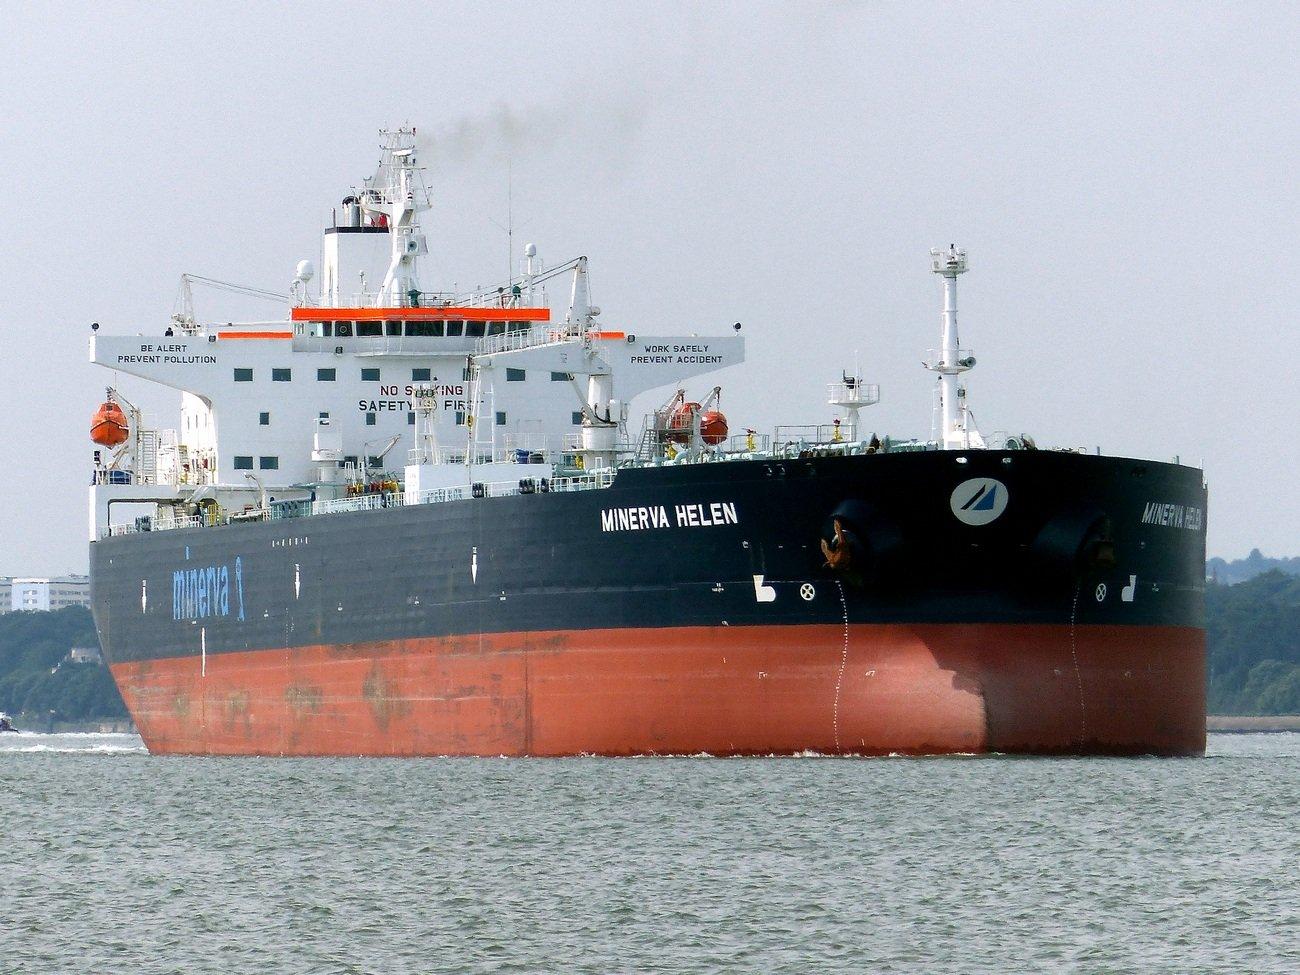 La embarcación griega, es sospechosa en el incidente de este mes y estuvo involucrada en un derrame de petróleo cerca de Copenhague, en enero de 2008.